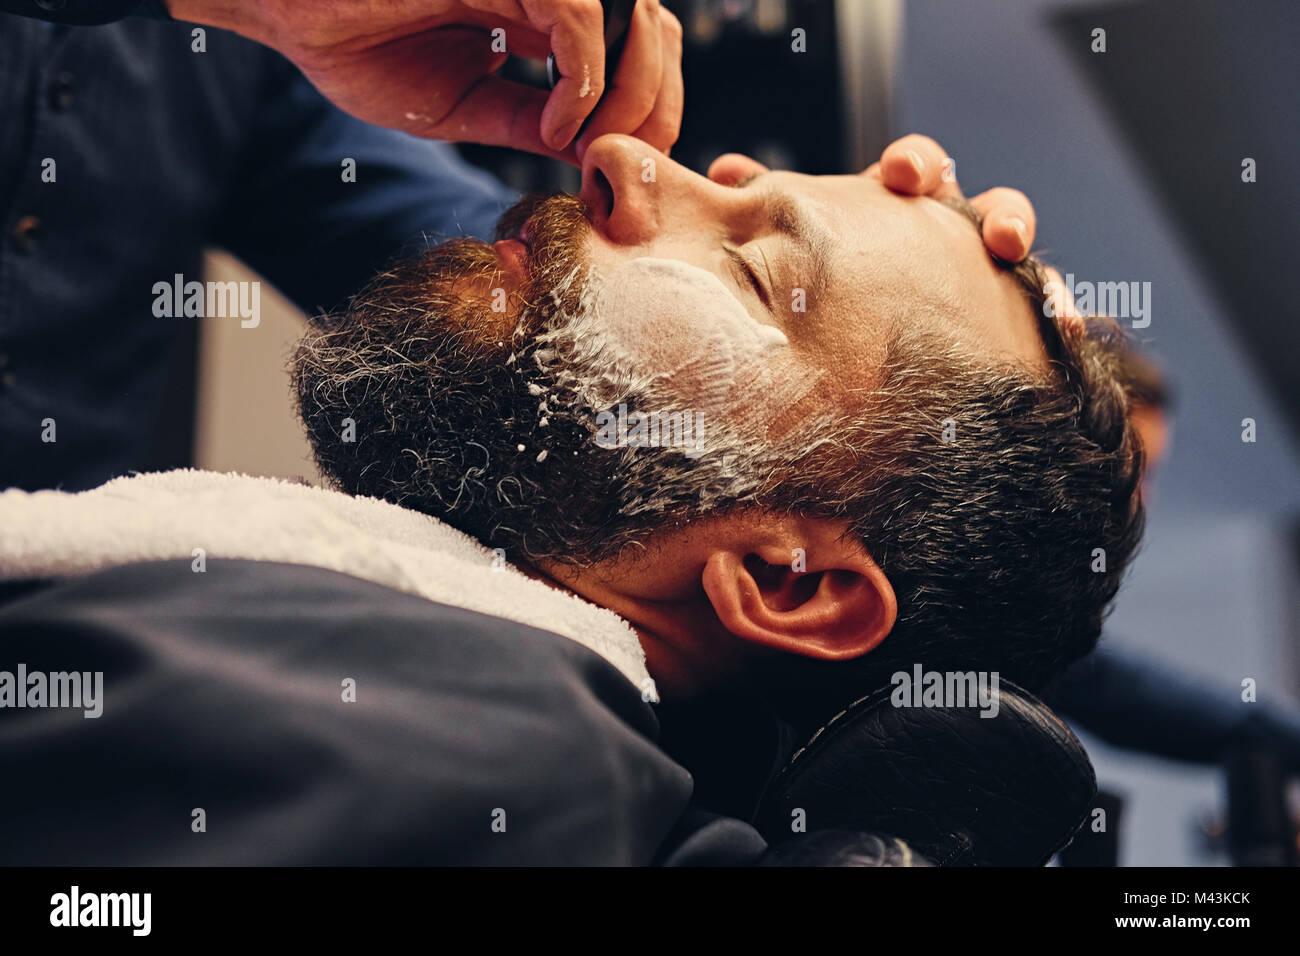 Chiudere l immagine del barbiere Immagini Stock